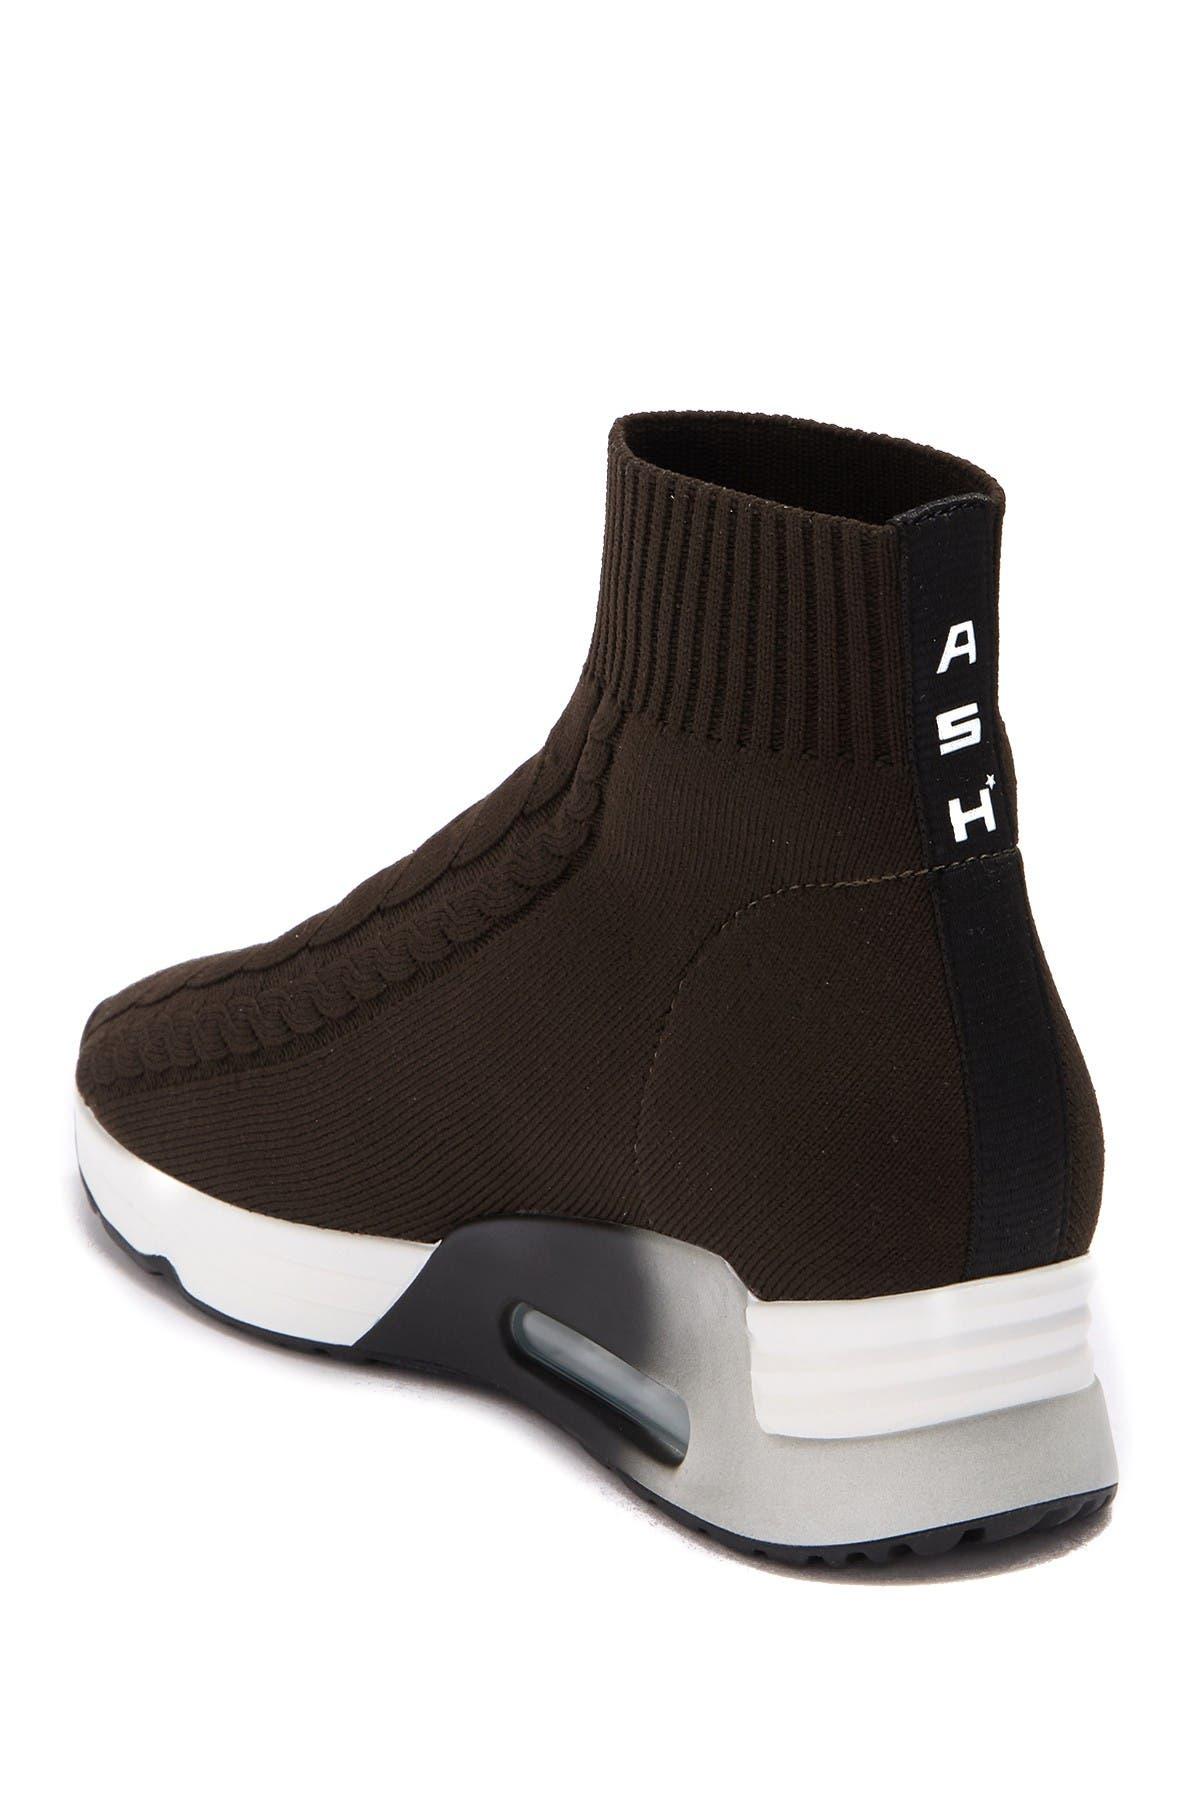 Ash   Living Sock Sneaker   Nordstrom Rack